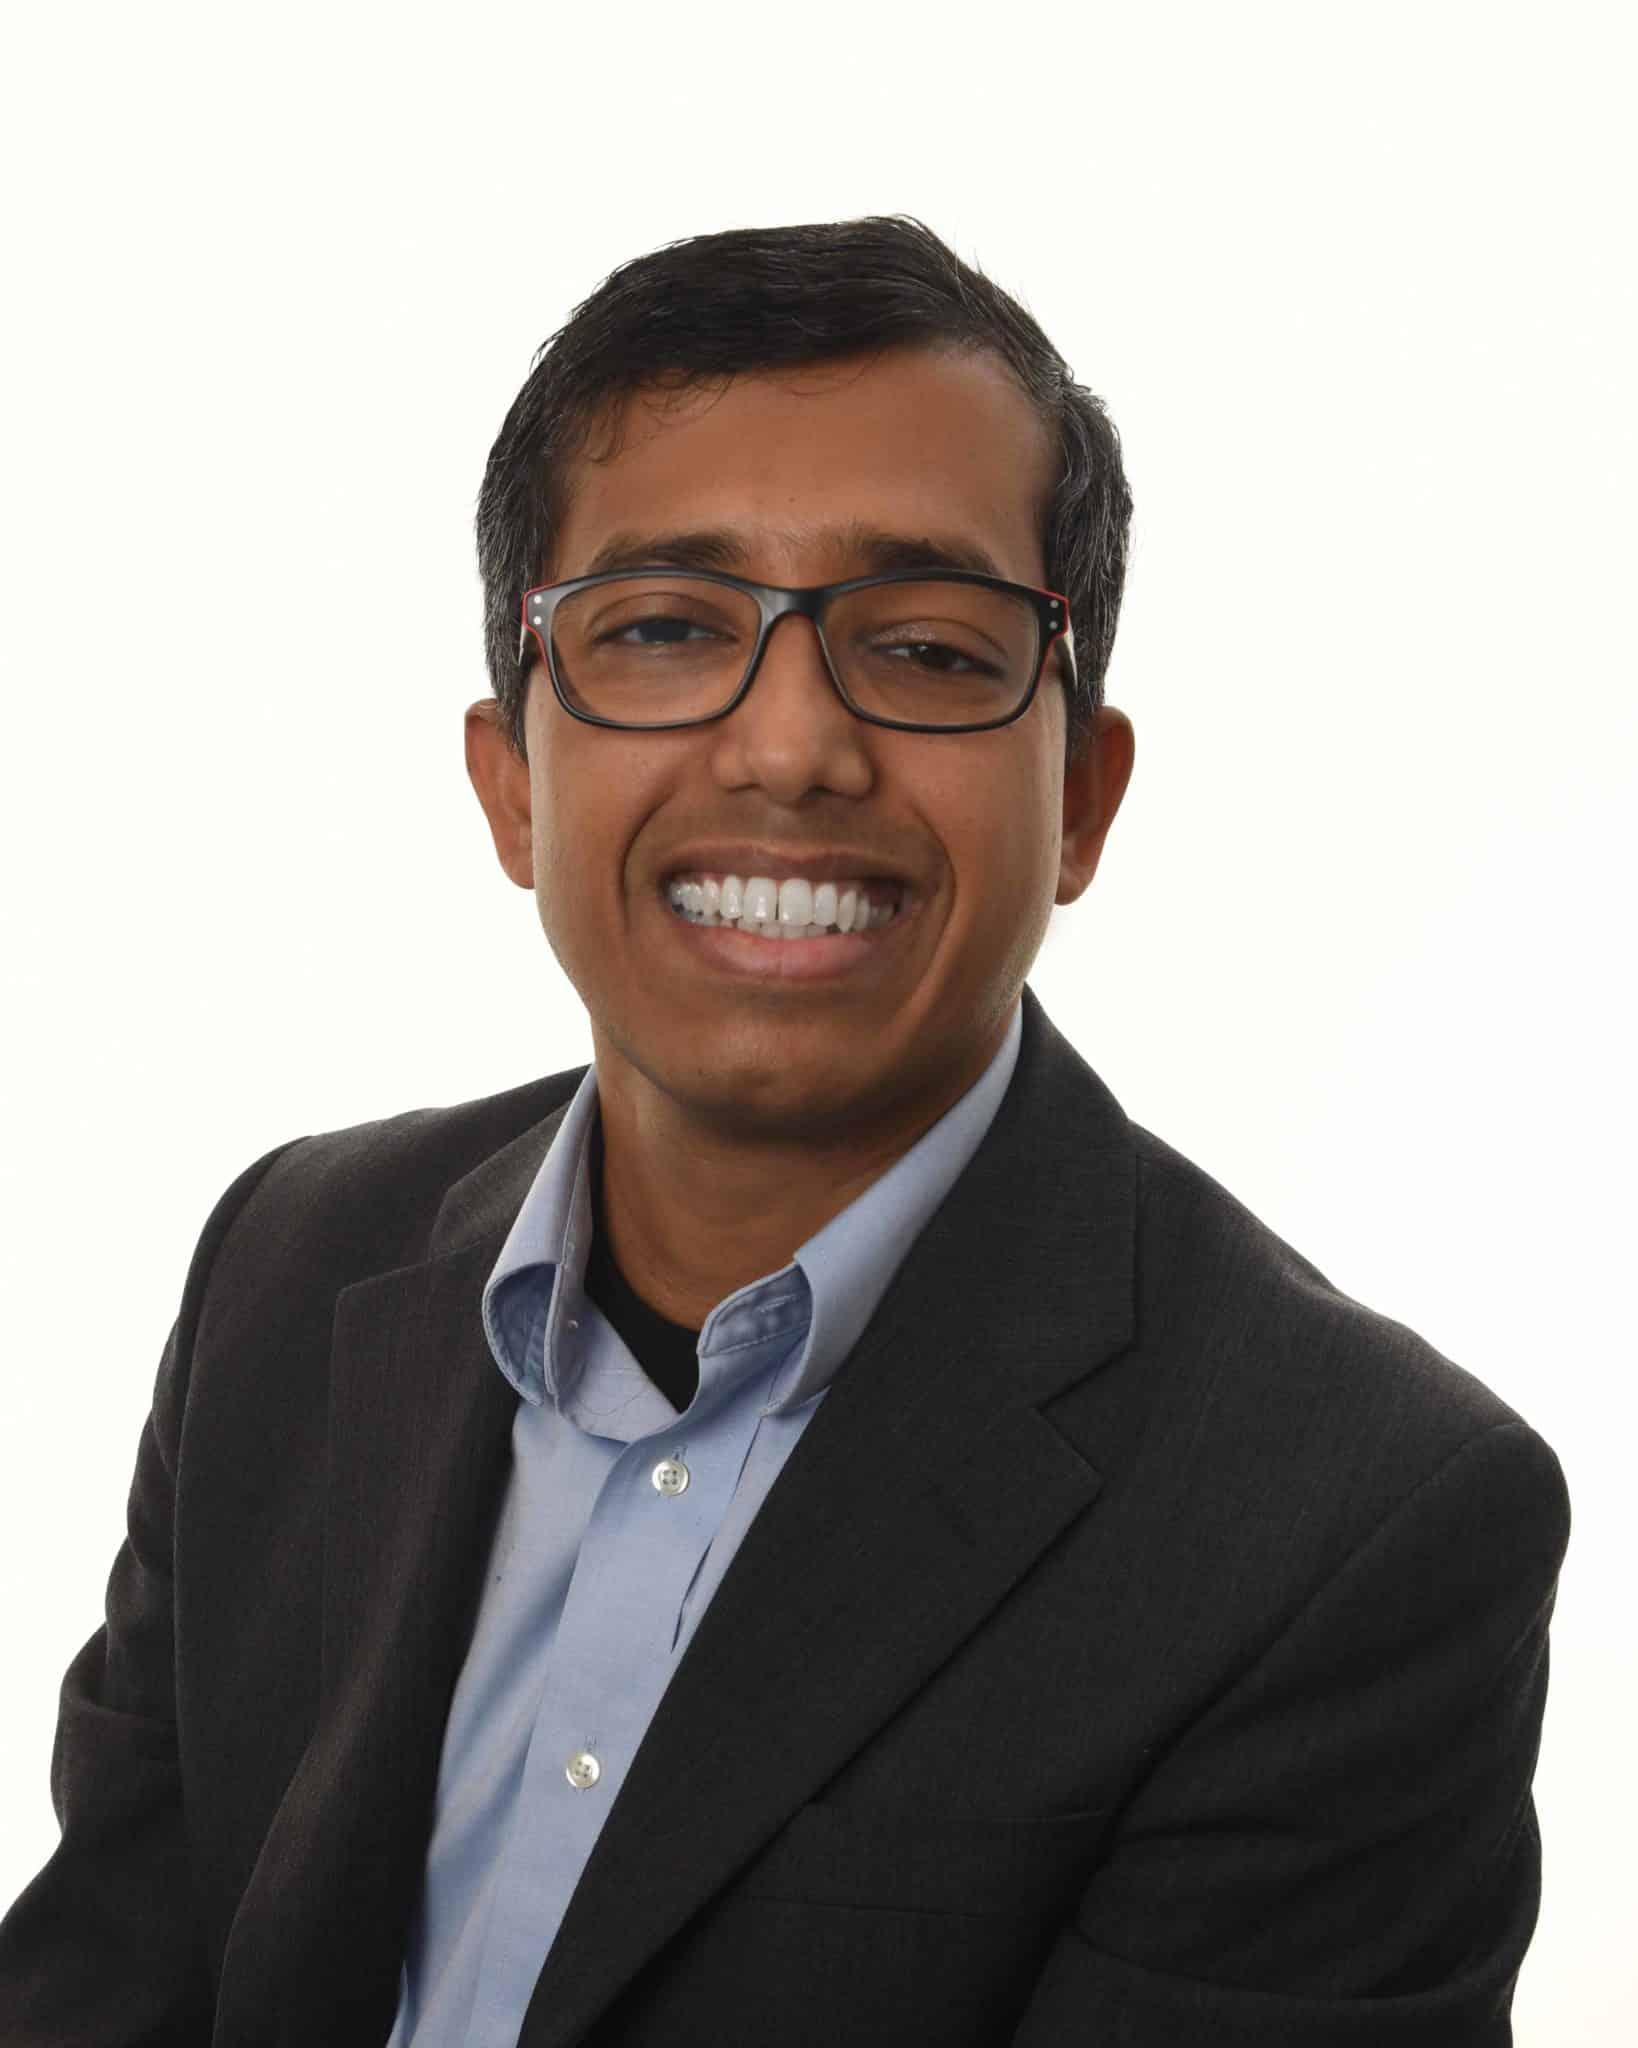 Faisal Nuree